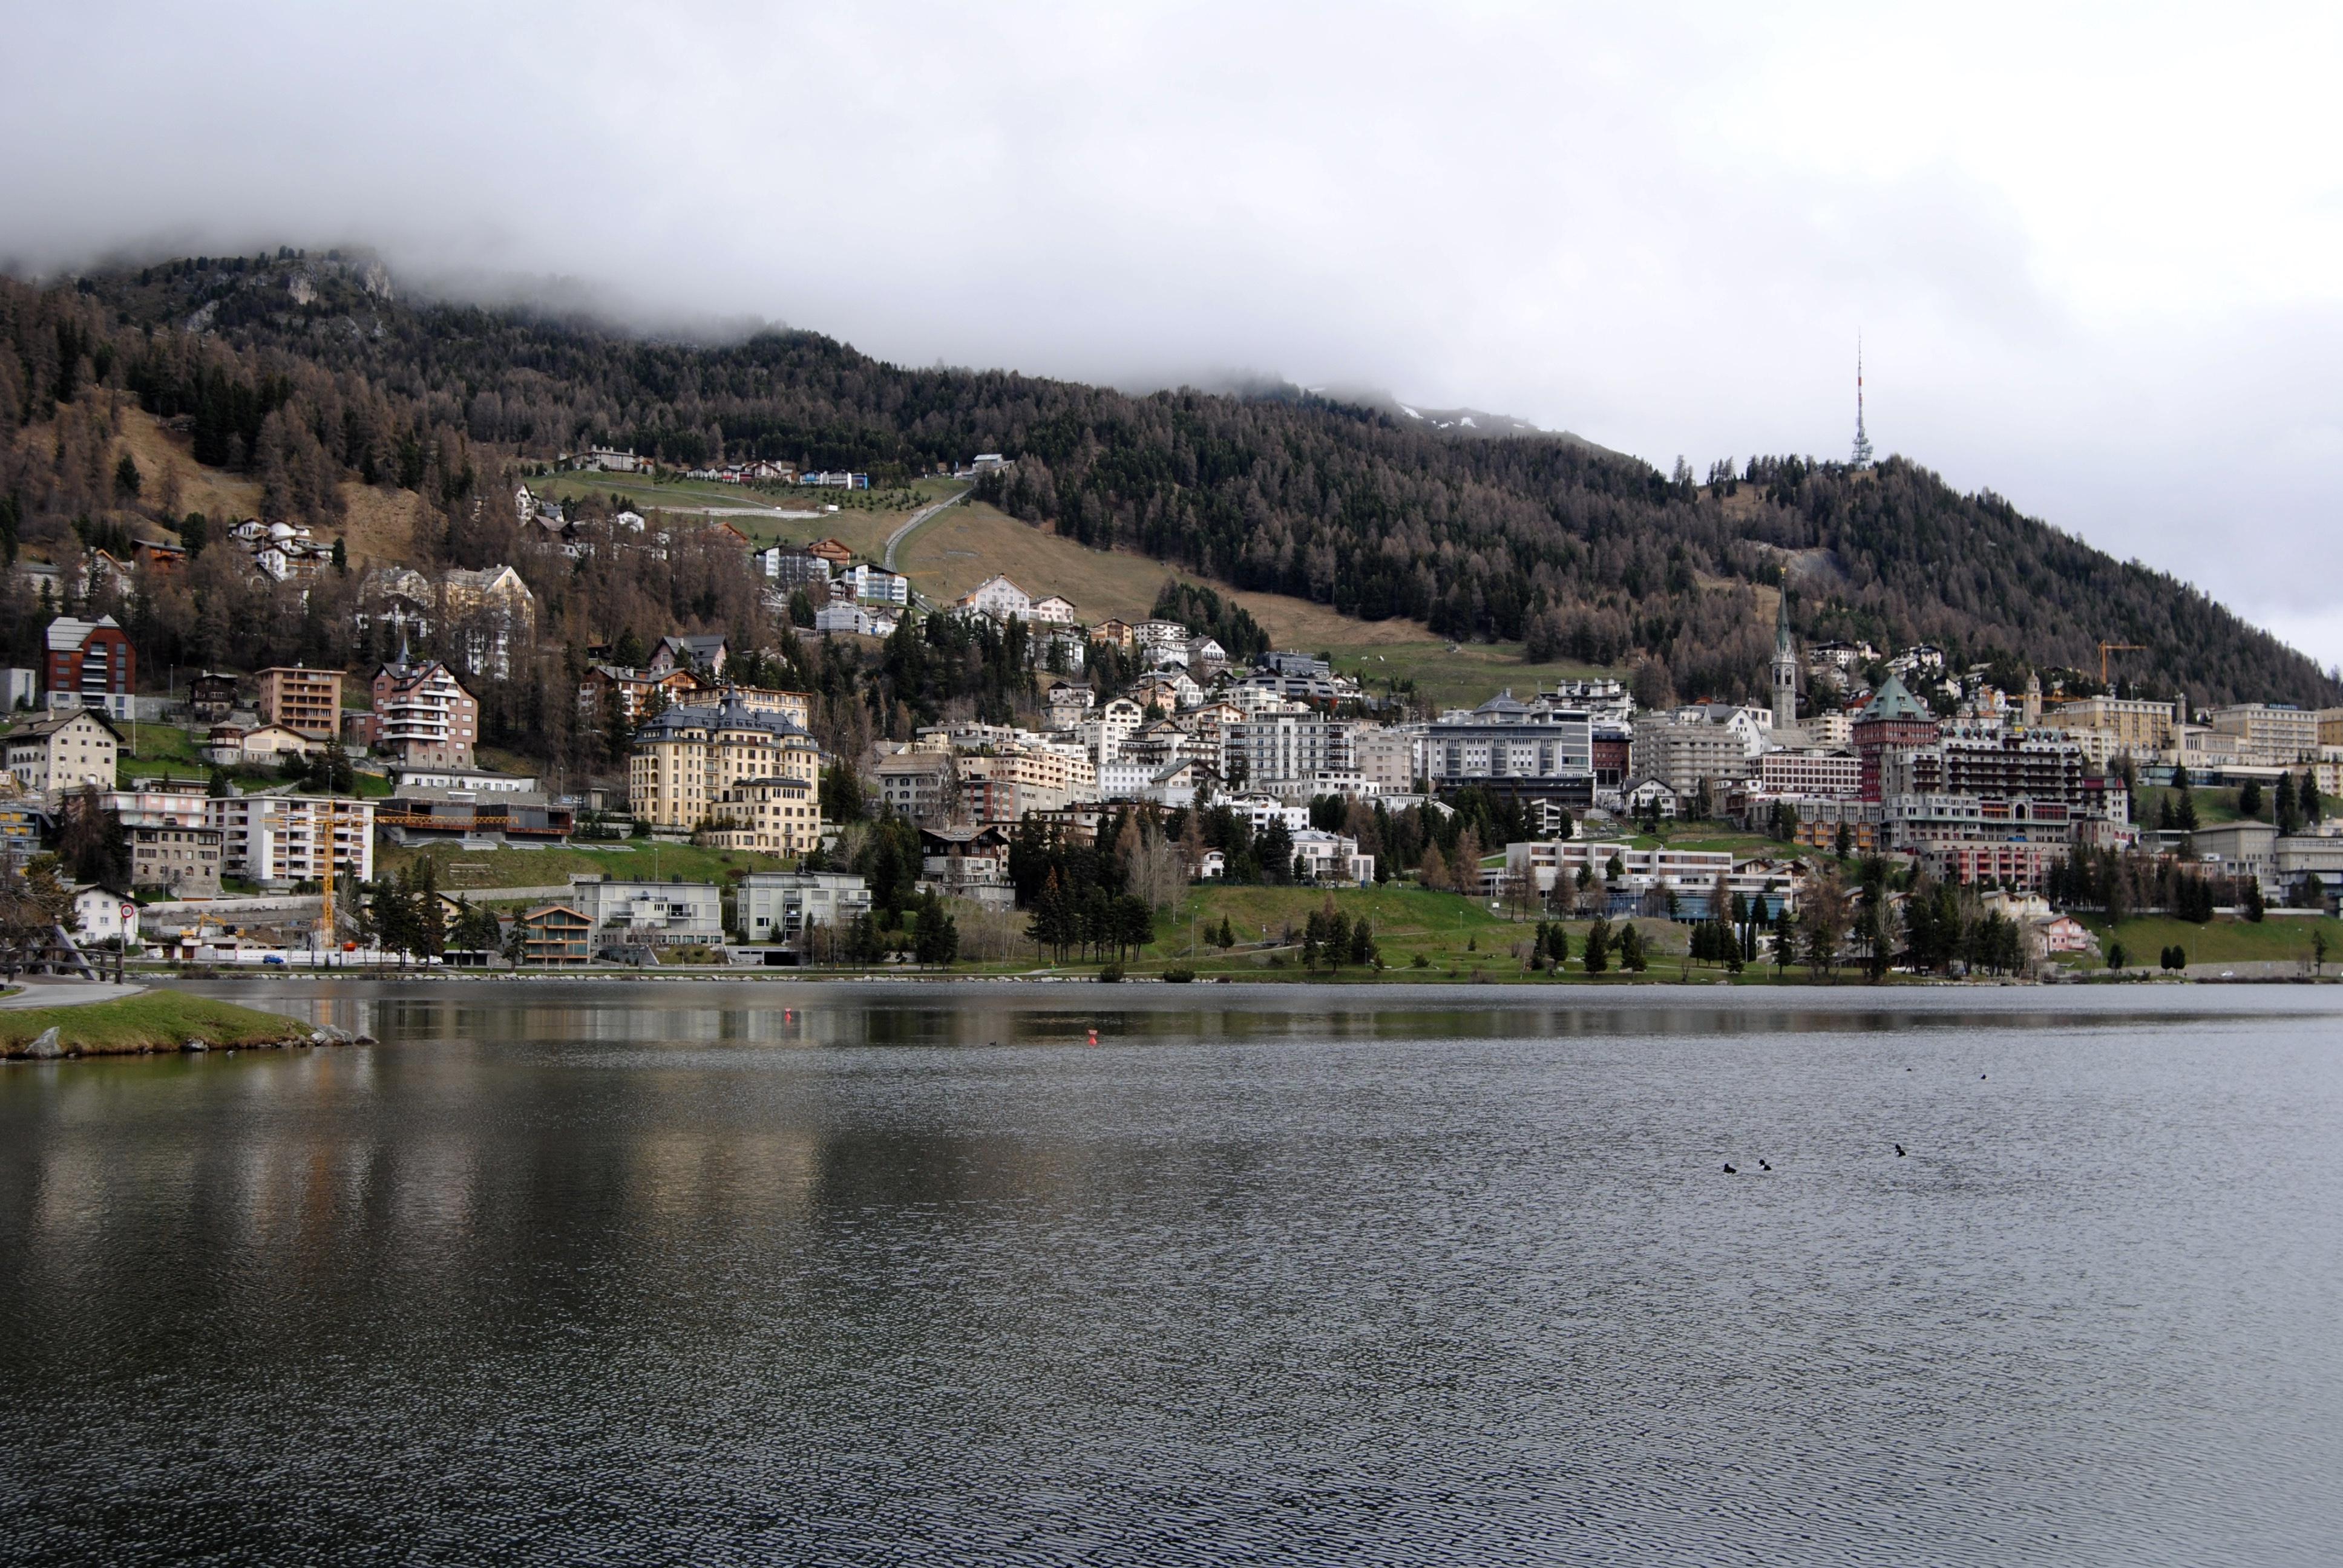 View of St. Moritz Dorf from St. Moritz Bad.